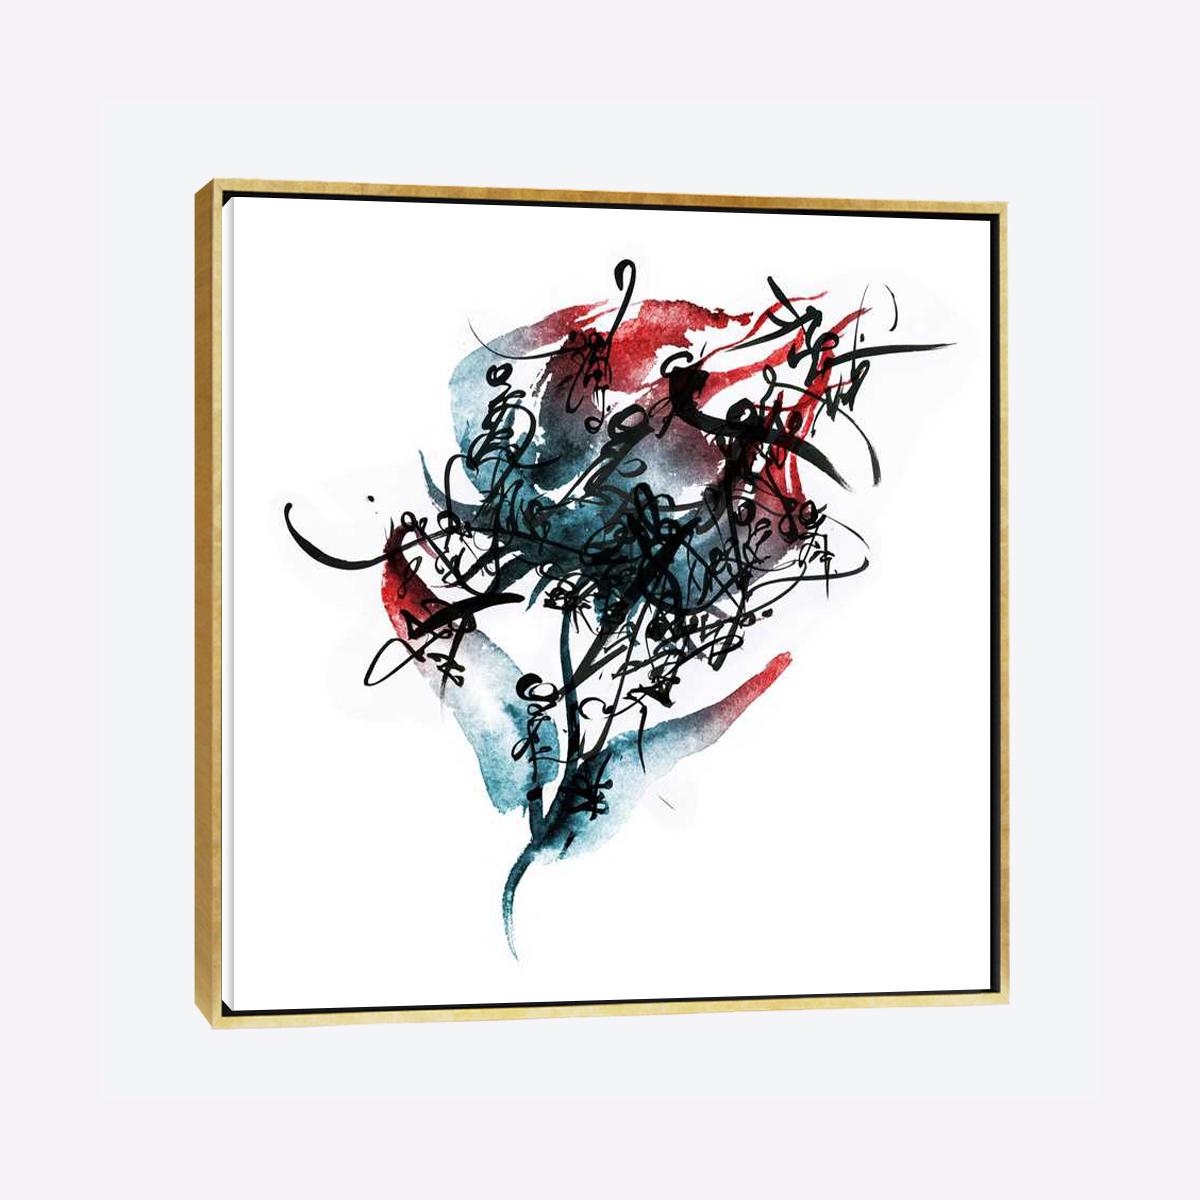 لوحات جدارية - أقحوان أزرق - لوحات جدارية - كانفسي - لوحة فنية جدارية تجريدية بألوان و تصاميم جذابة تعطي طاقة حيوية وتفاؤل و تتناسب مع جميع أثاثكم شاهد المزيد في متجر كانفسي